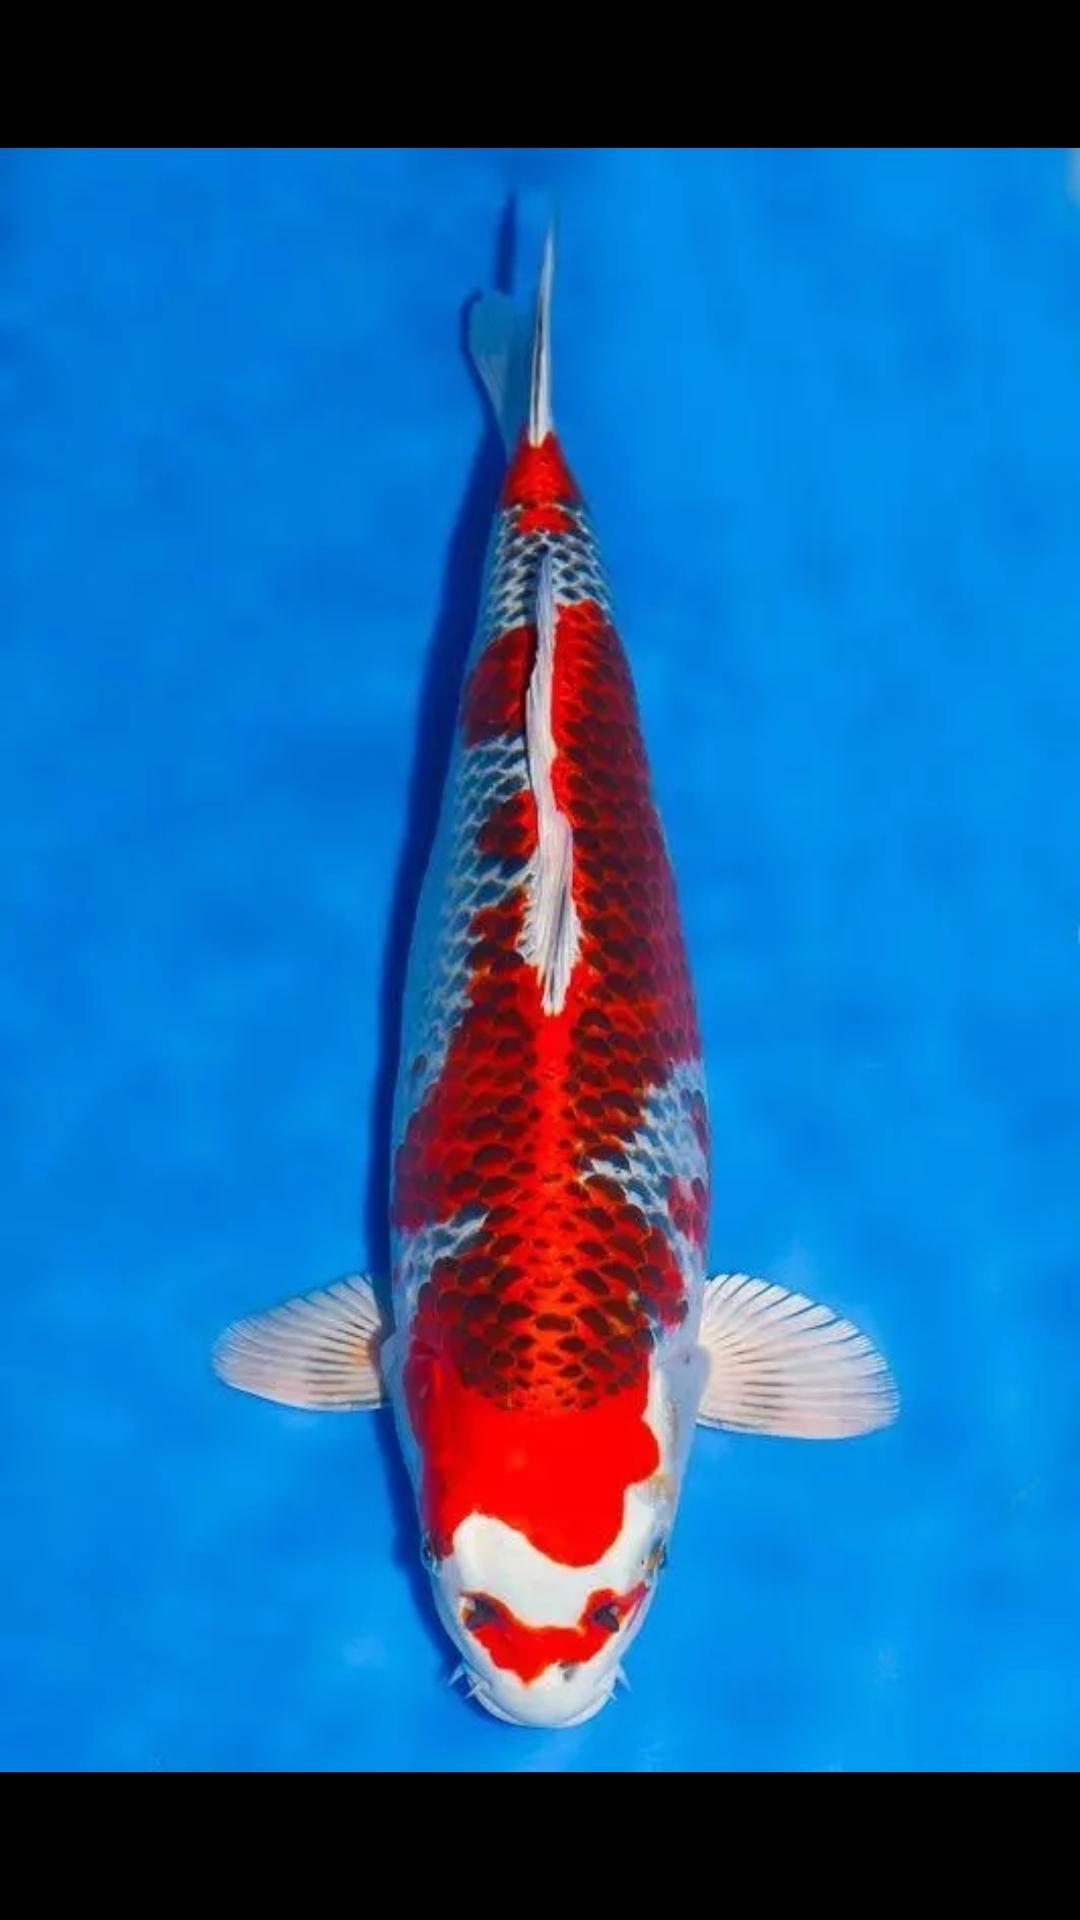 【西安白子魟鱼】锦鲤第八篇 西安观赏鱼信息 西安博特第1张